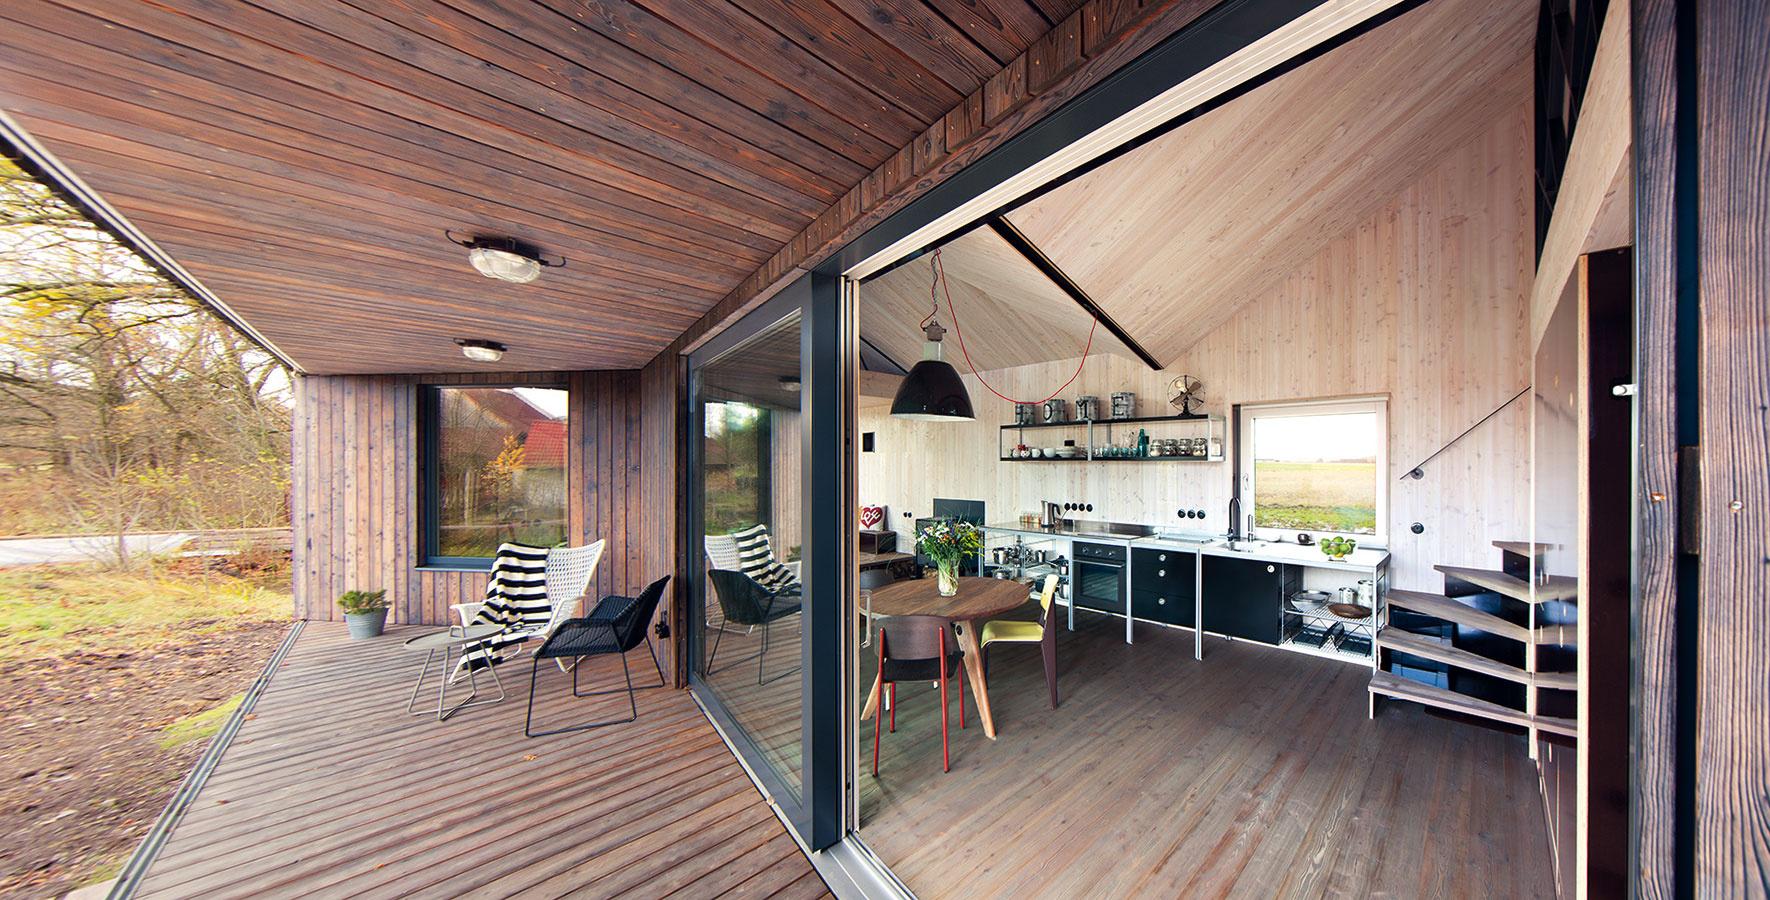 Vo vnútri, a predsa vonku – tak sa môžu cítiť obyvatelia modernej verzie tradičnej českej chalupy. Terasu možno pri nepriaznivom počasí zavrieť posuvnými okenicami z drevenej palubovky, prípadne stavbu takto zabezpečiť pri odchode.